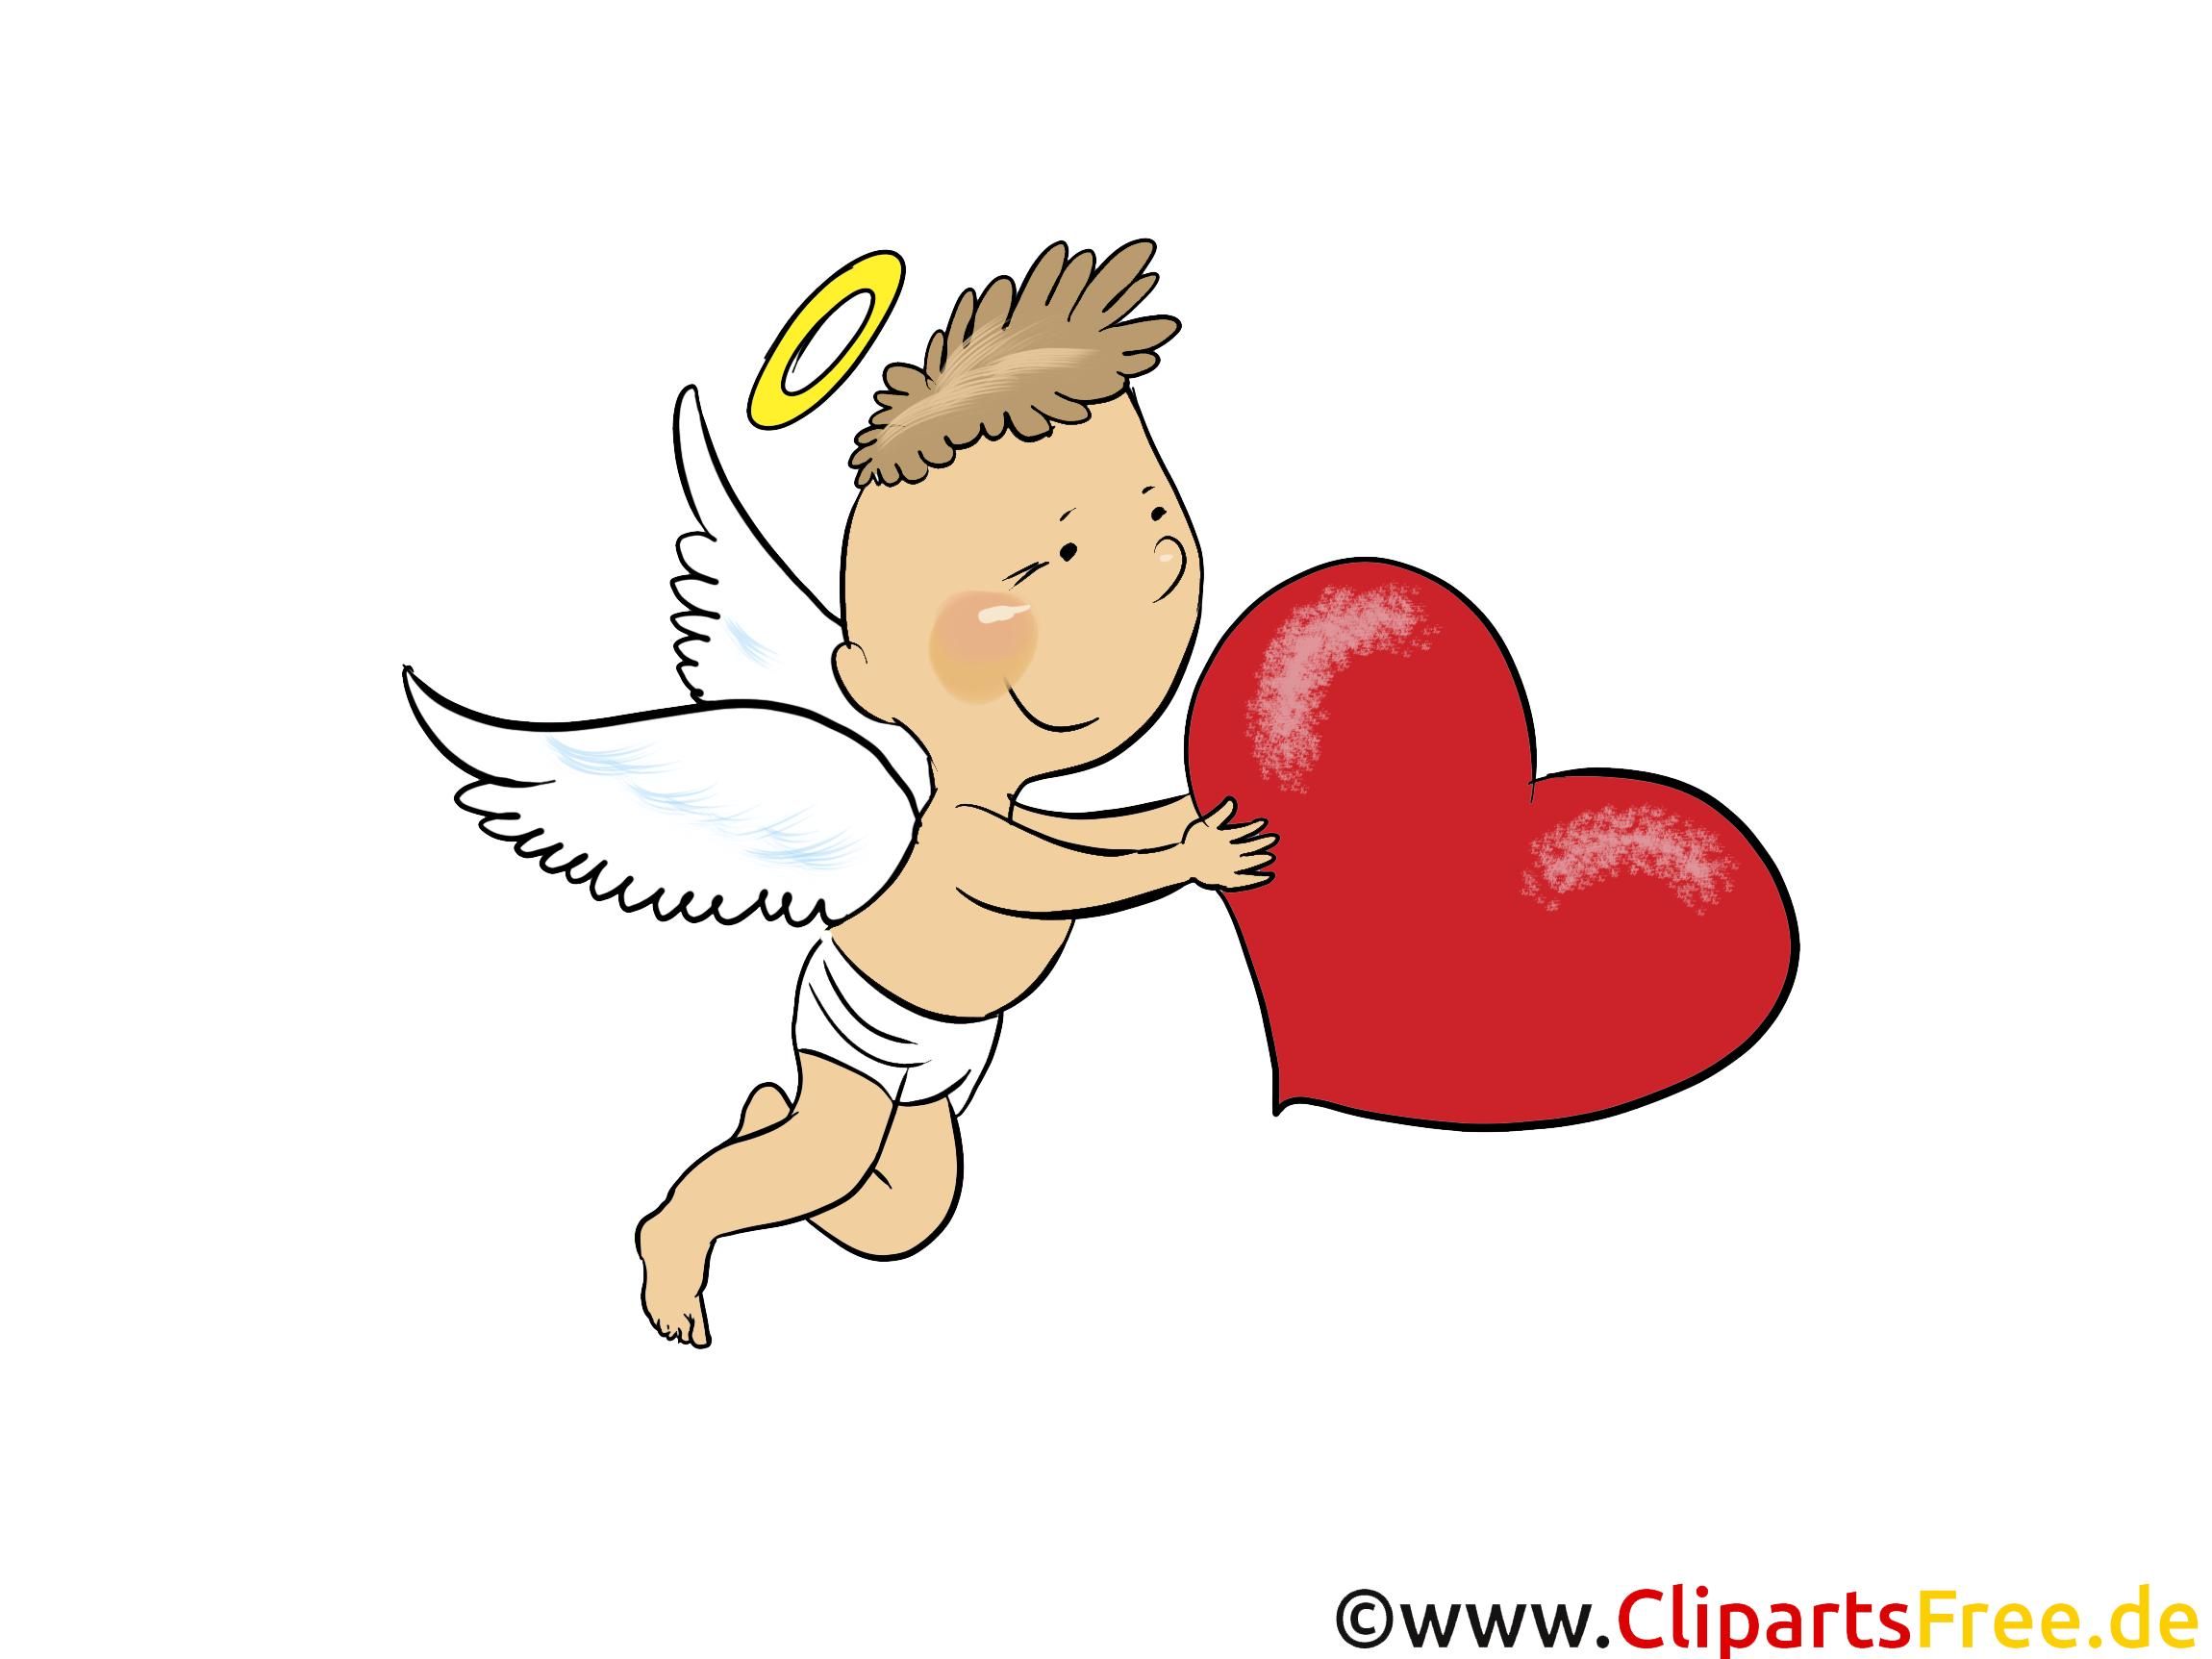 e Cards Liebe, Amore, Engel, Herz